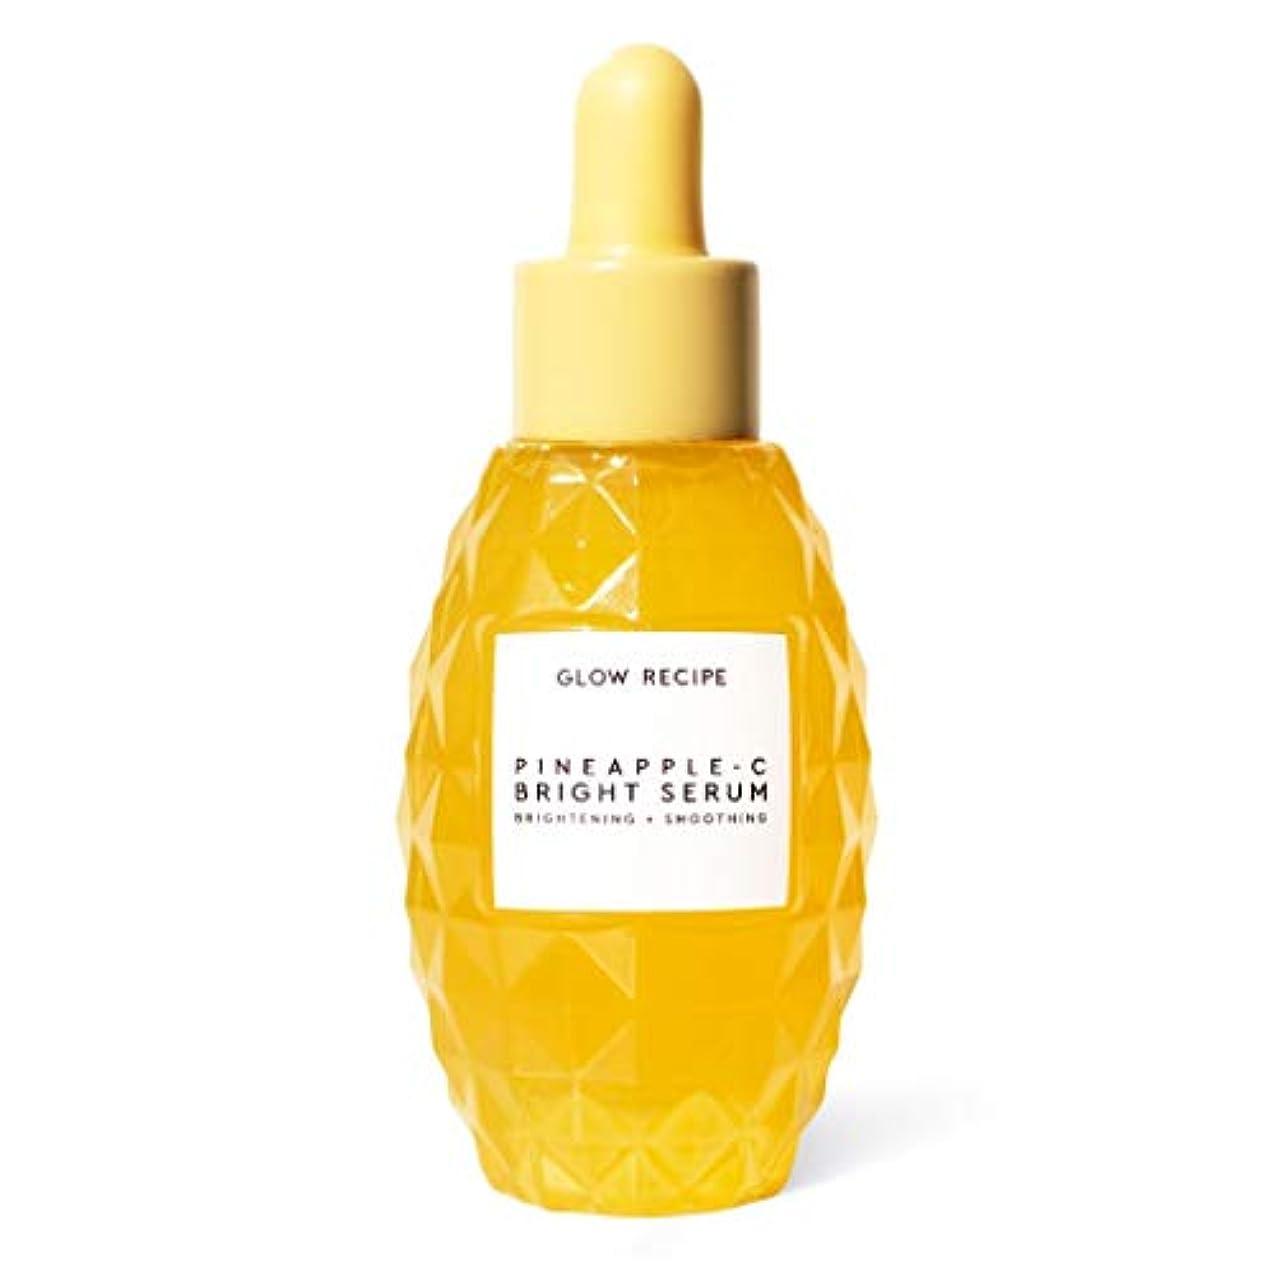 ステンレスリル反抗Glow Recipe Pineapple-C Brightening Serum 1 Fl. Oz/ 30ml グロウレシピ パイナップル シー ブライト二ング セラム